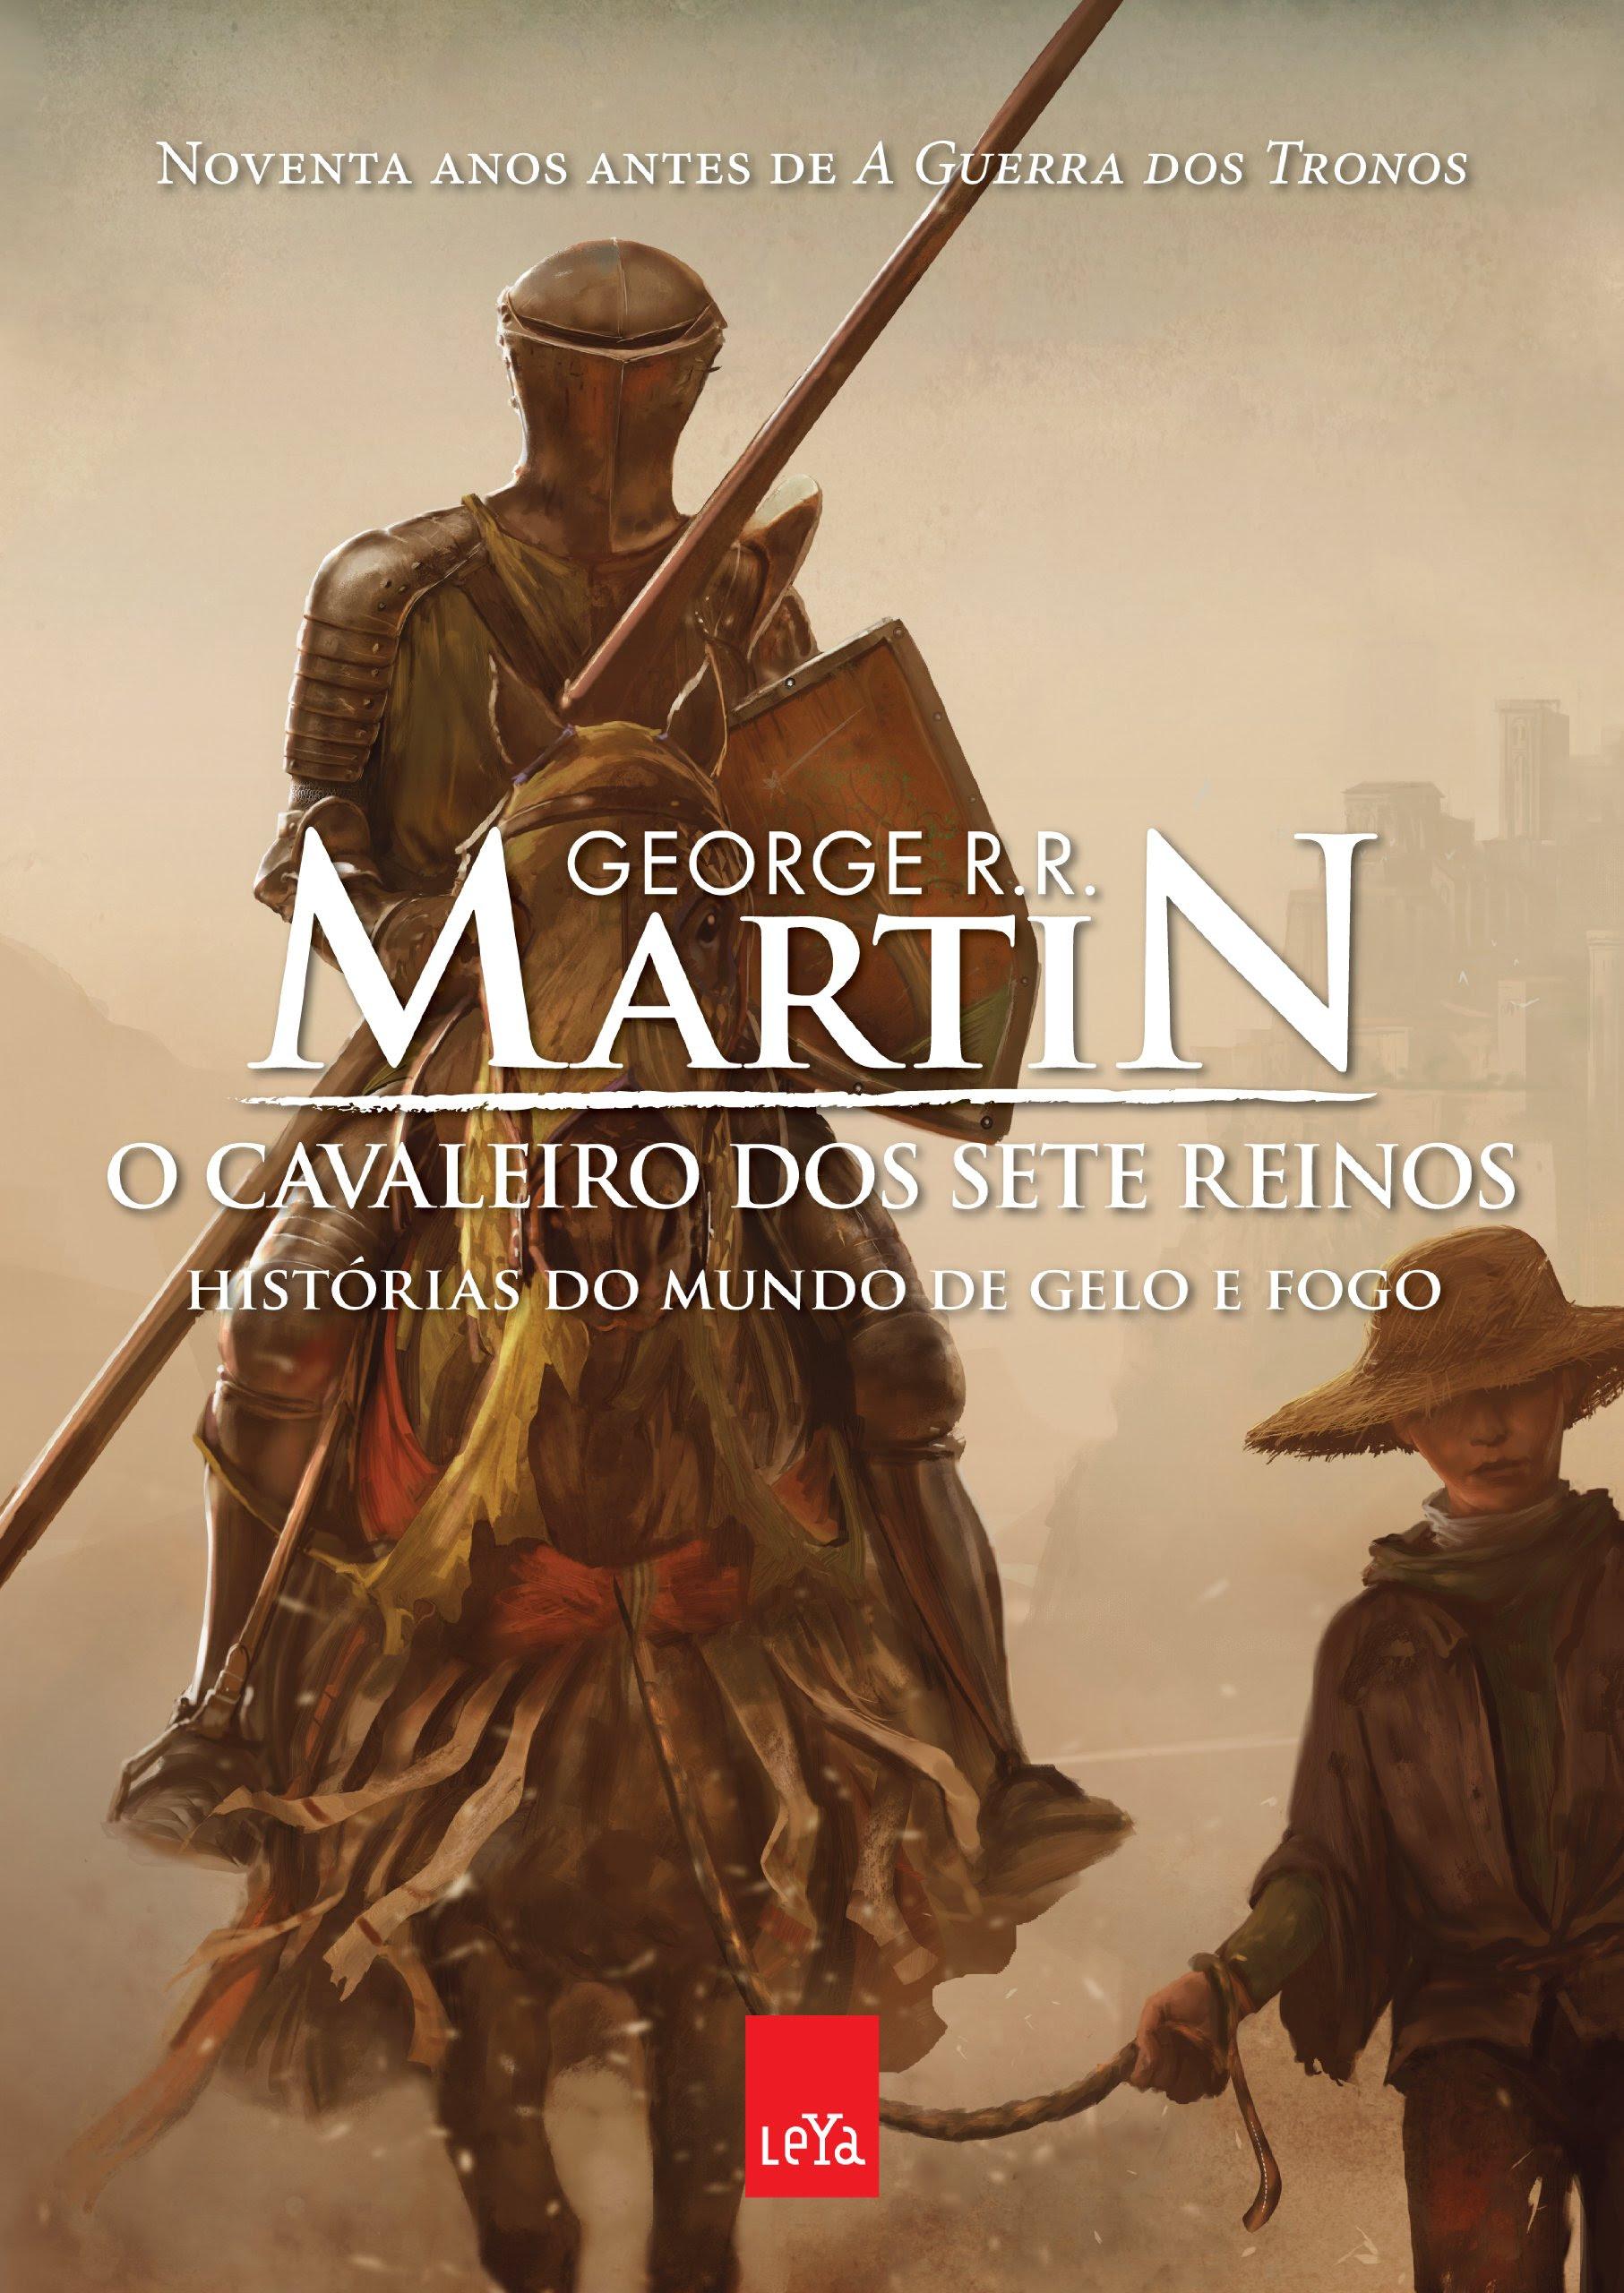 http://coisasdeumleitor.blogspot.com.br/2015/03/resenha-o-cavaleiro-dos-sete-reinos.html